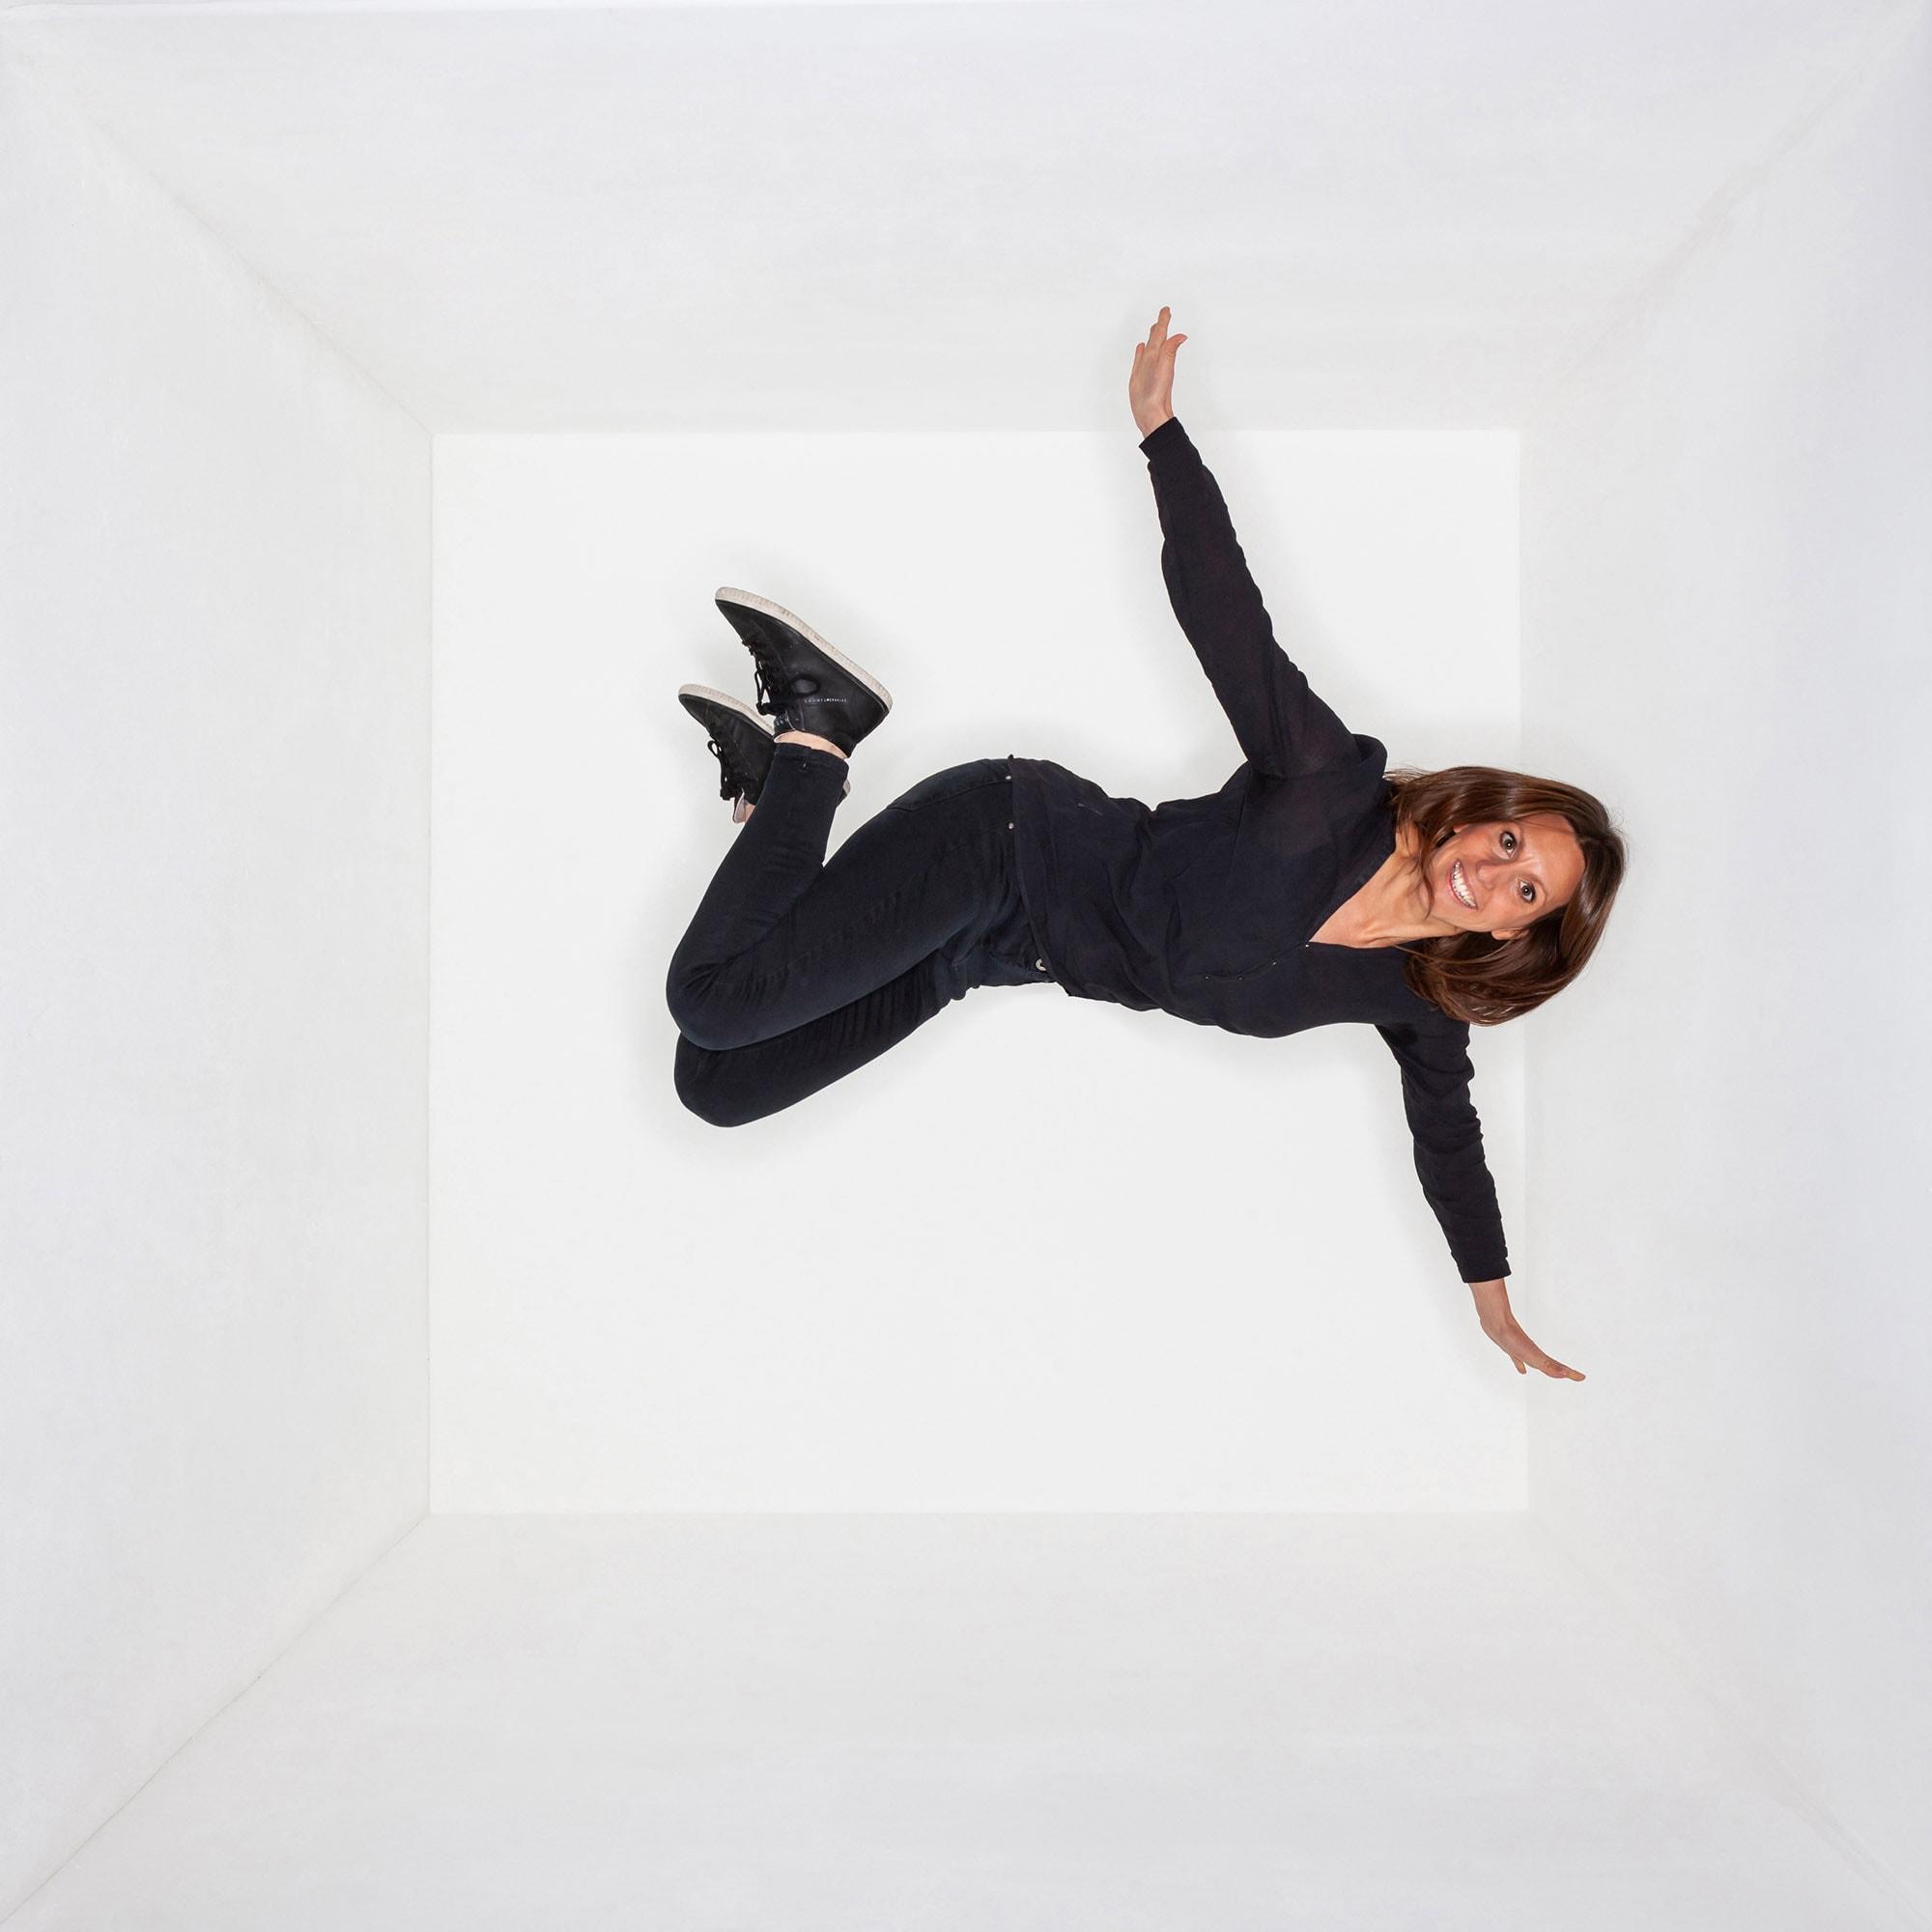 mitarbeiter fotografie in braunschweig. business portraits mal etws anders und in gelöster atmosphäre.